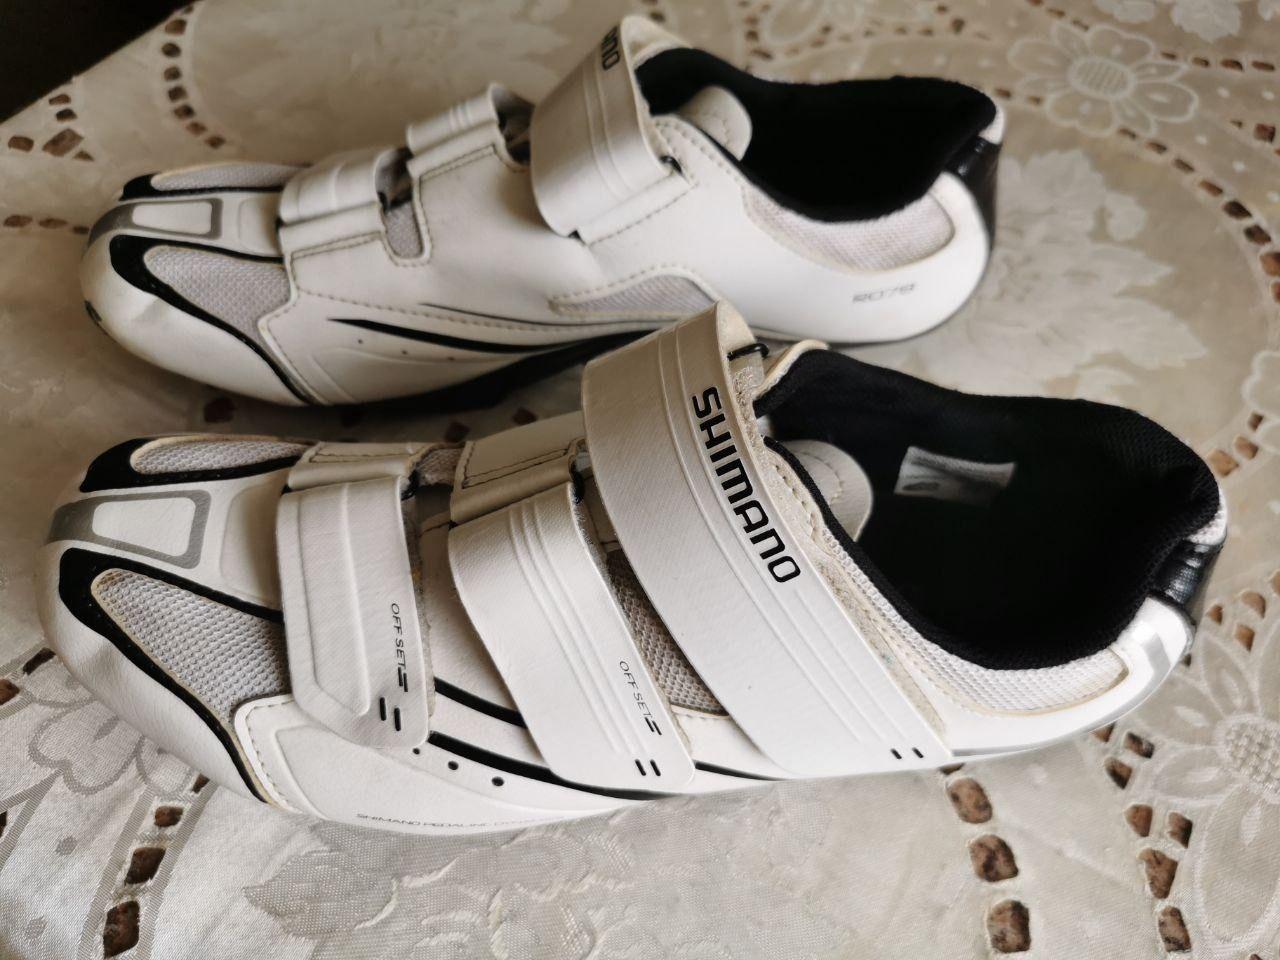 Велотуфли Shimano R078W SPD-SL + контакты.